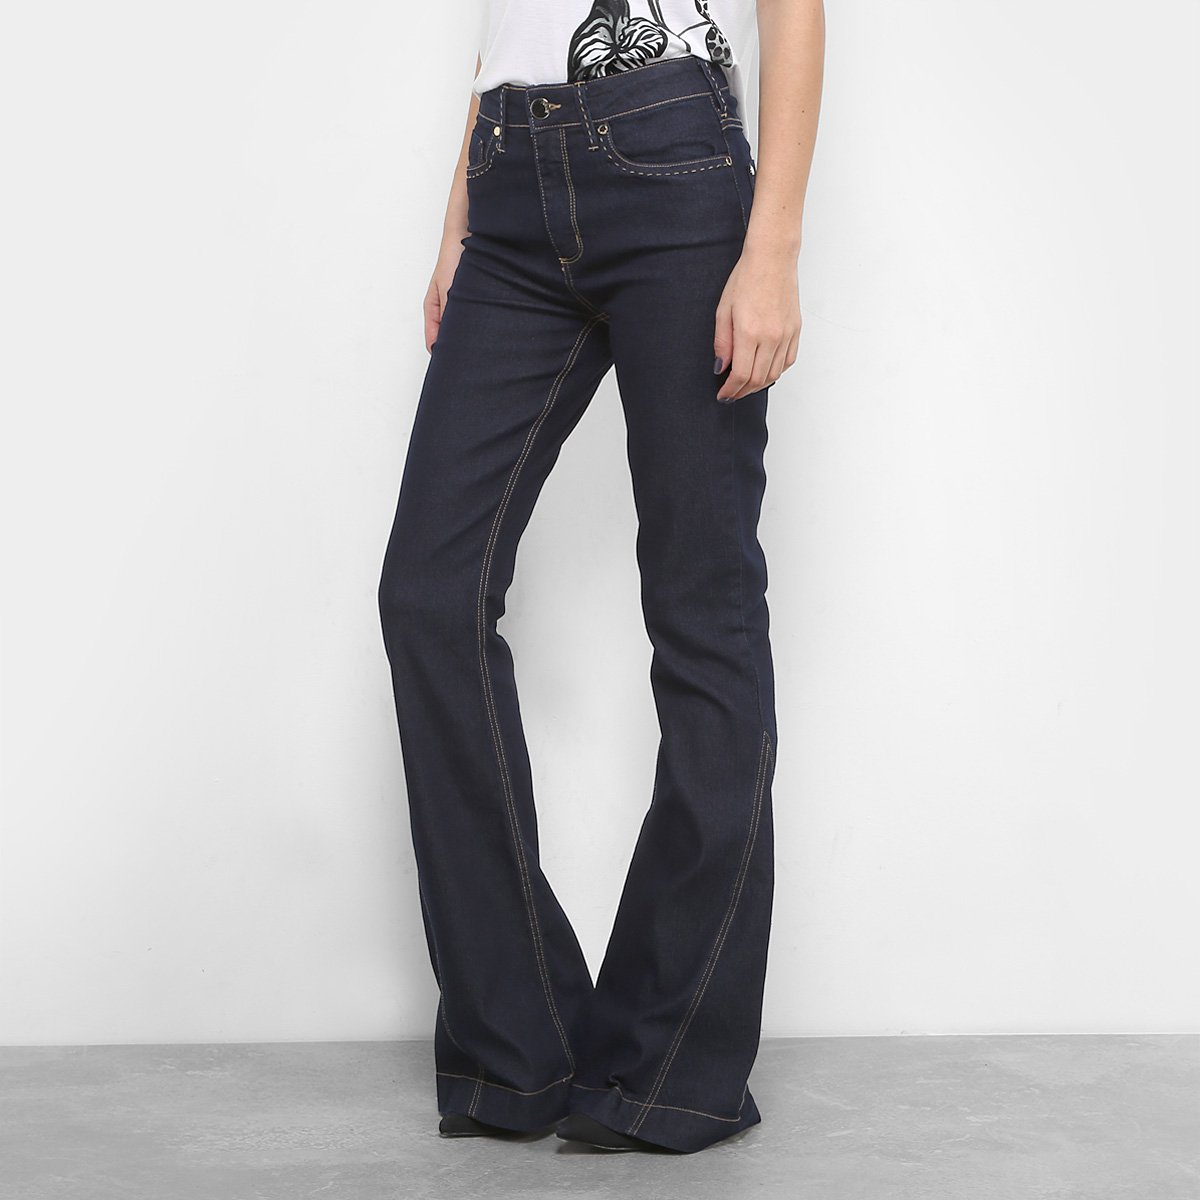 167bef80f Calça Jeans Flare Forum Pesponto Cintura Alta Feminina. undefined